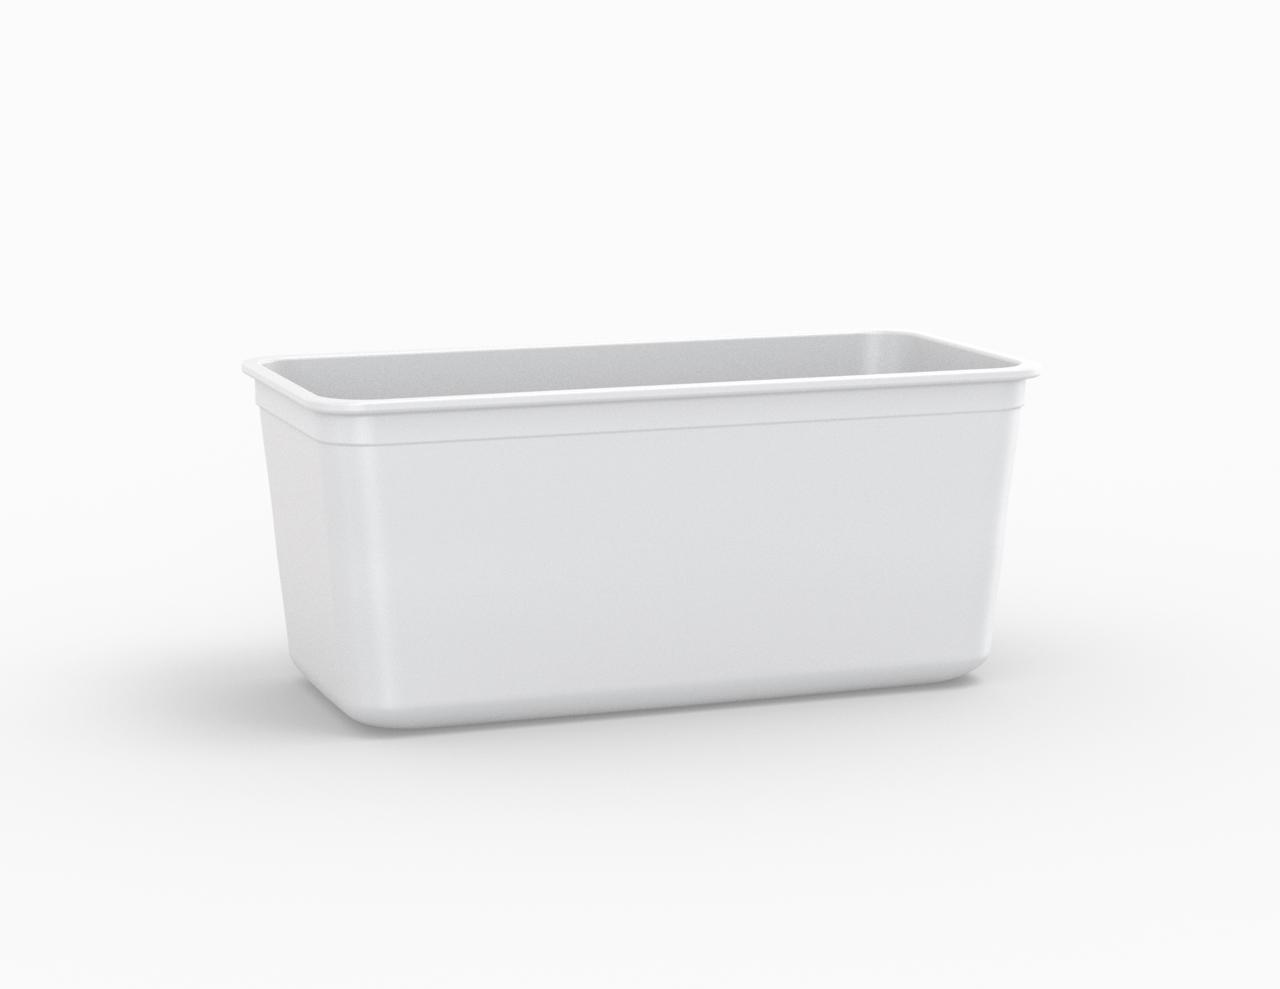 Moule rectangulaire blanc 2650 cm3